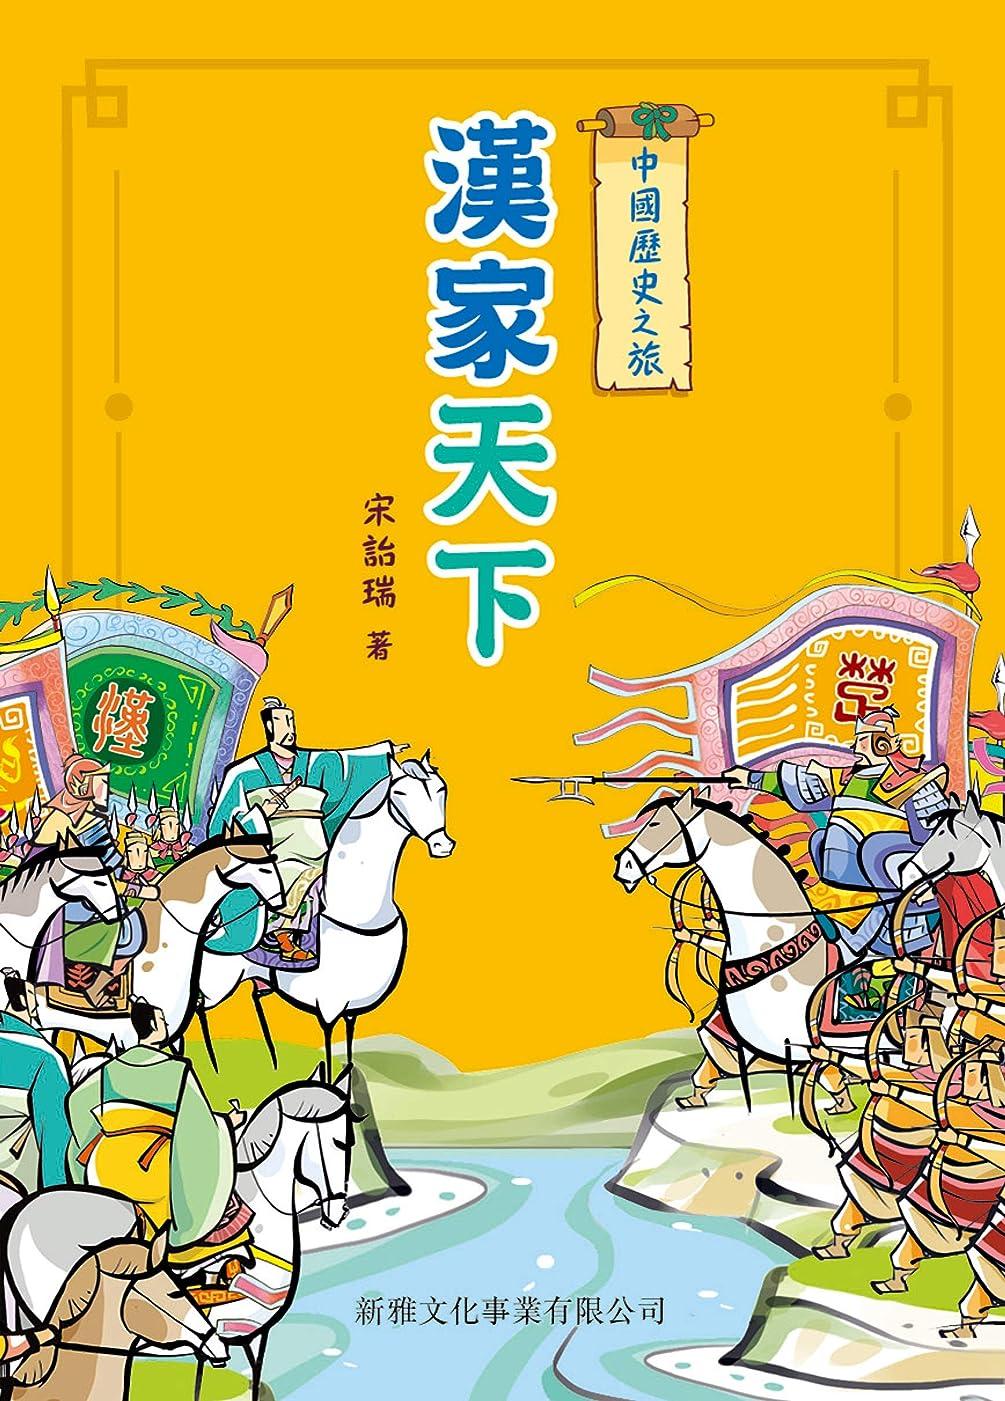 中國歷史之旅:漢家天下 (Traditional Chinese Edition)